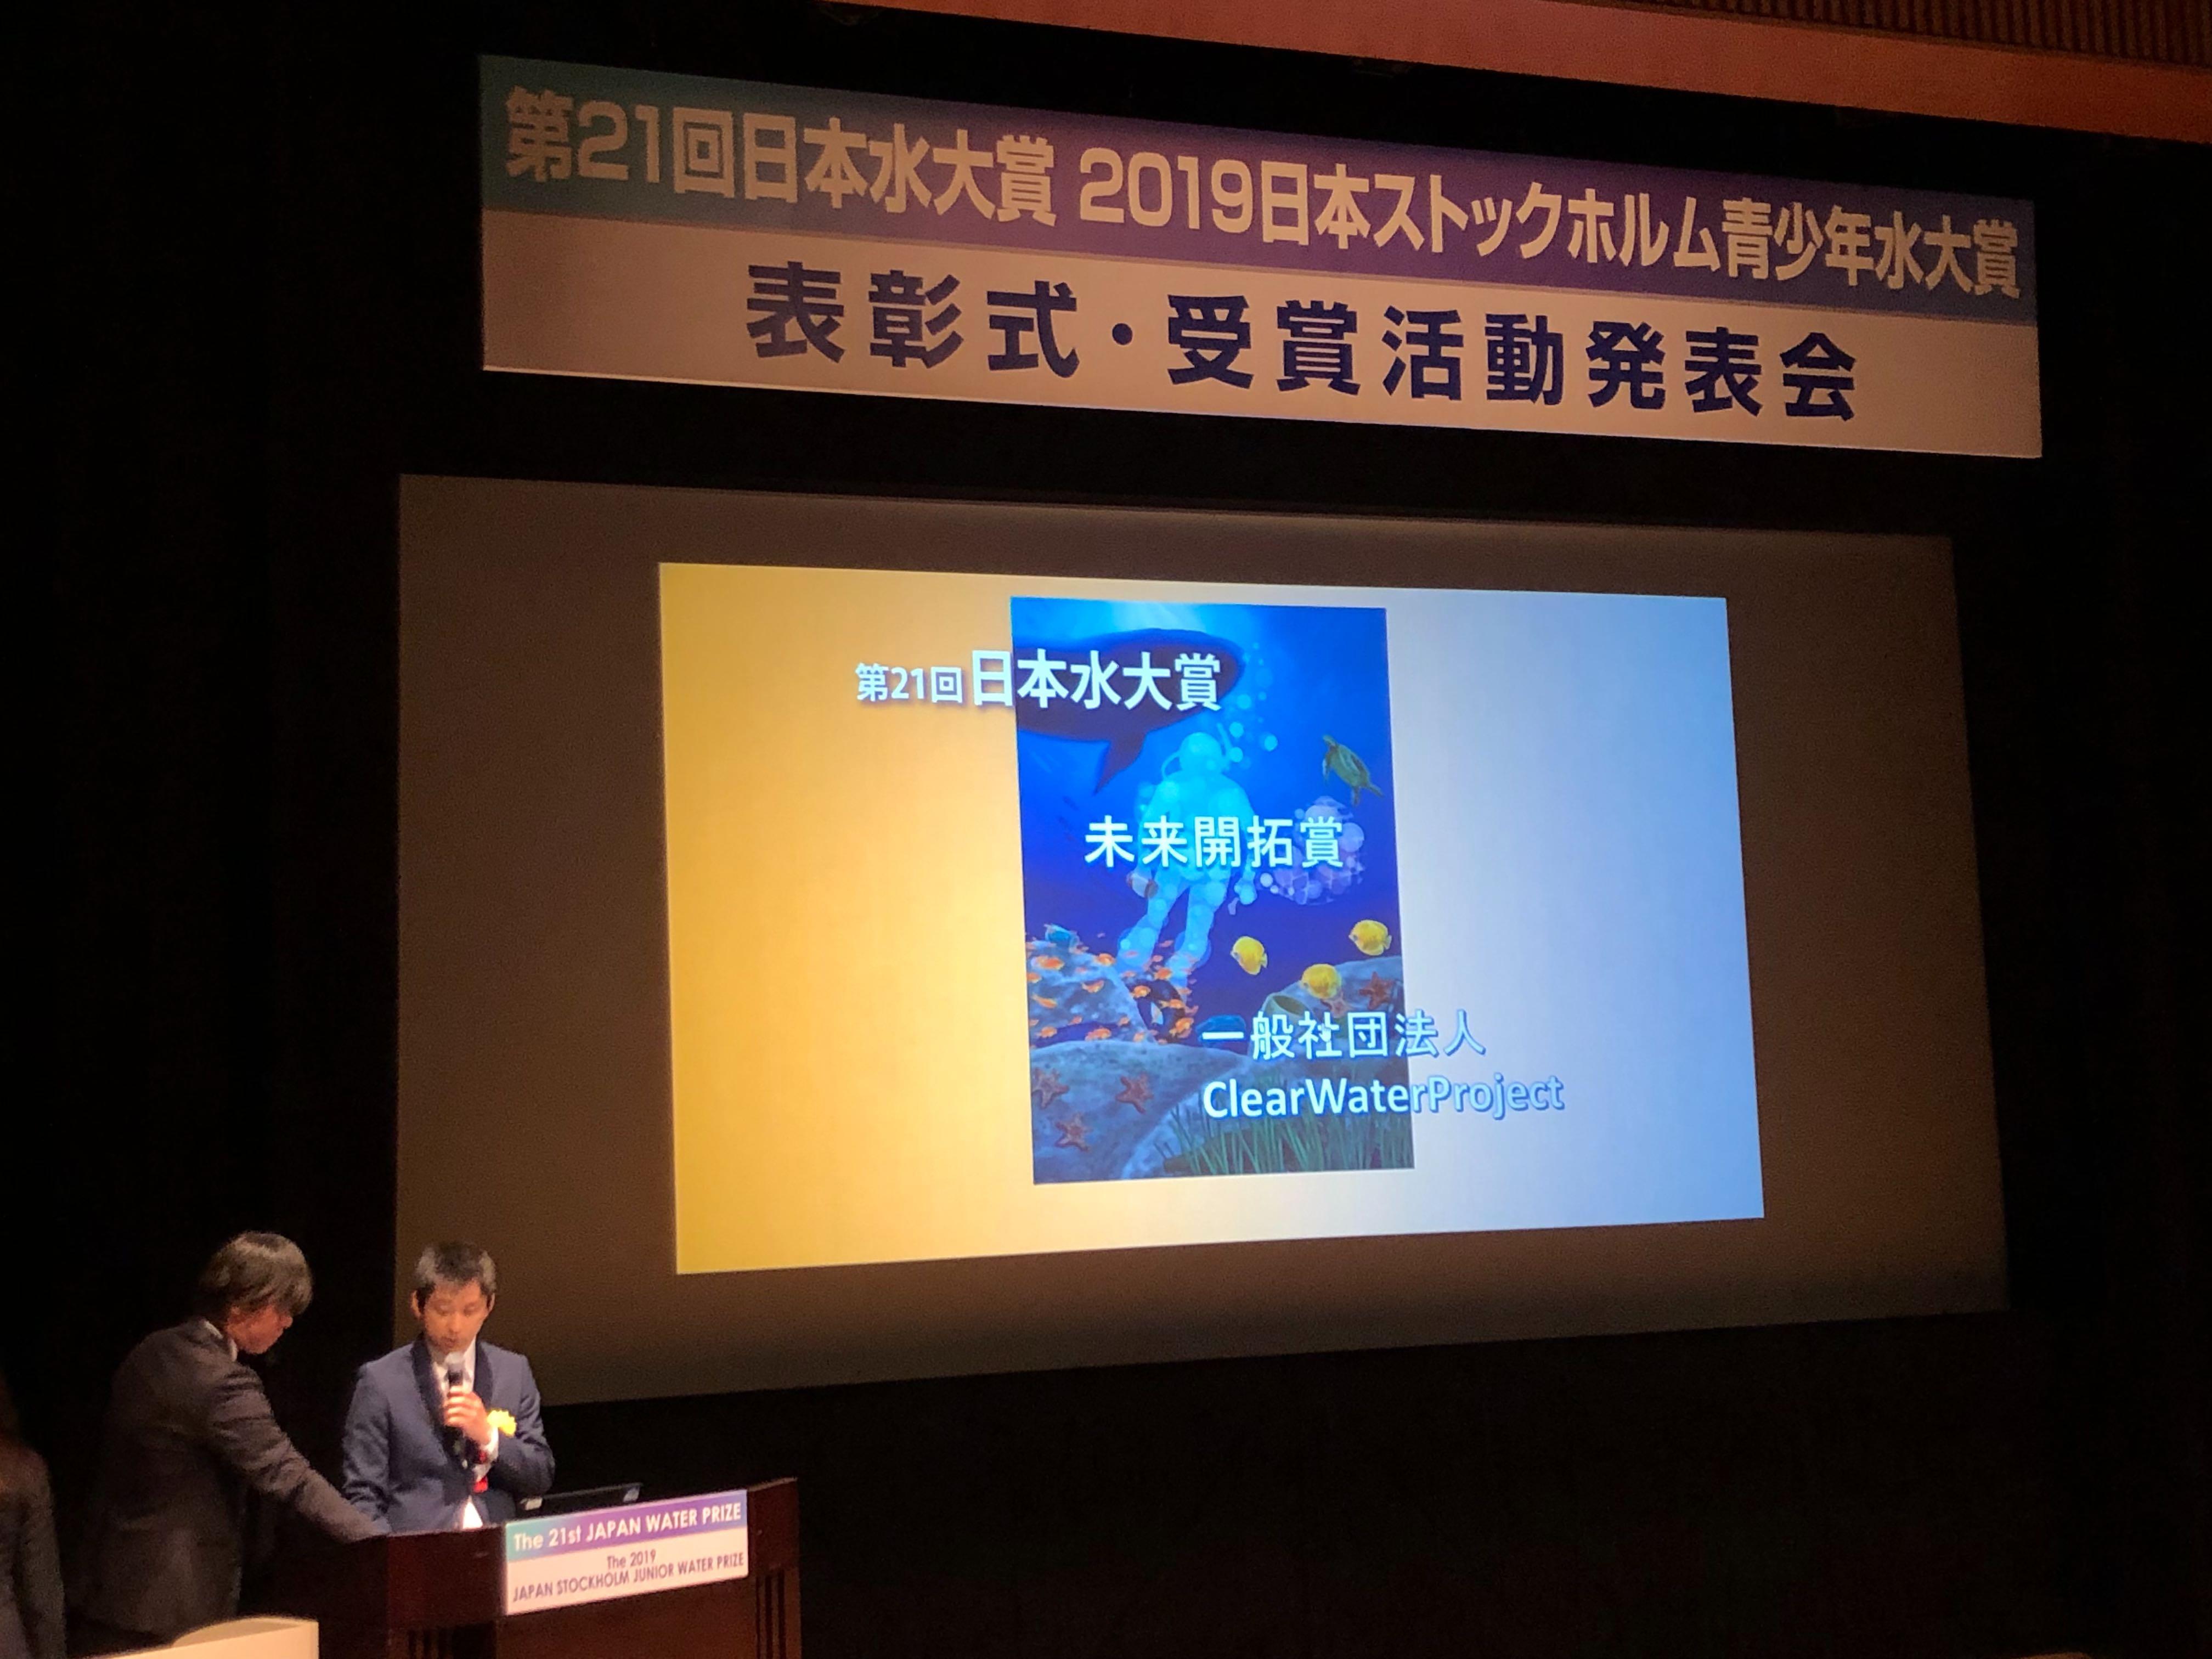 日本水大賞 未来開拓賞 授賞式